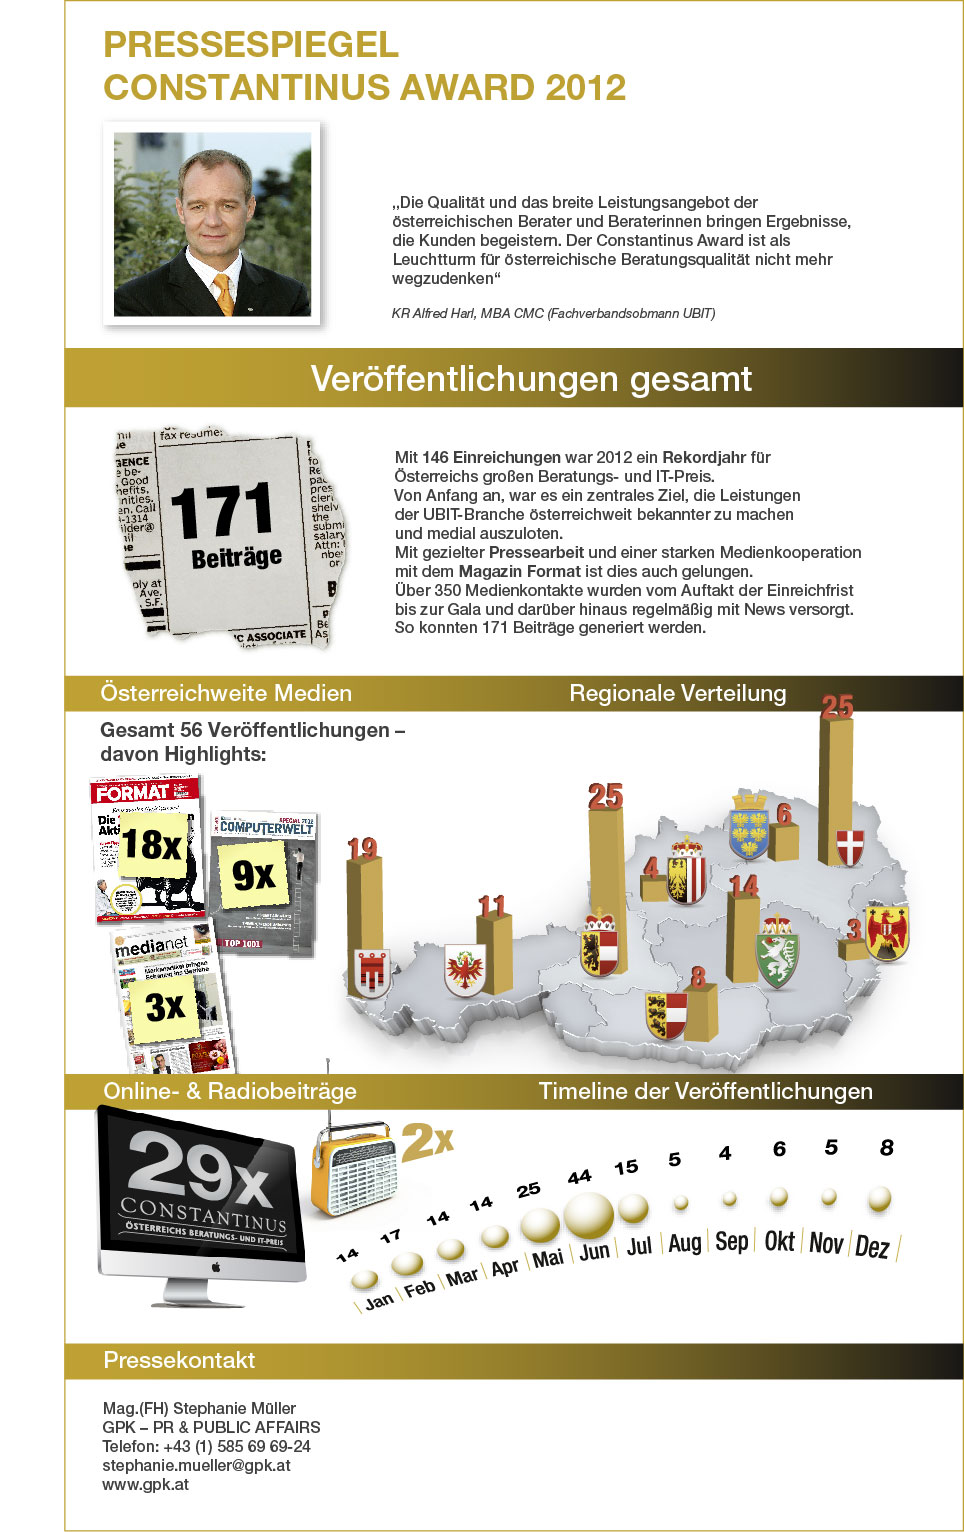 Constantinus award pressespiegel for Spiegel aktuell